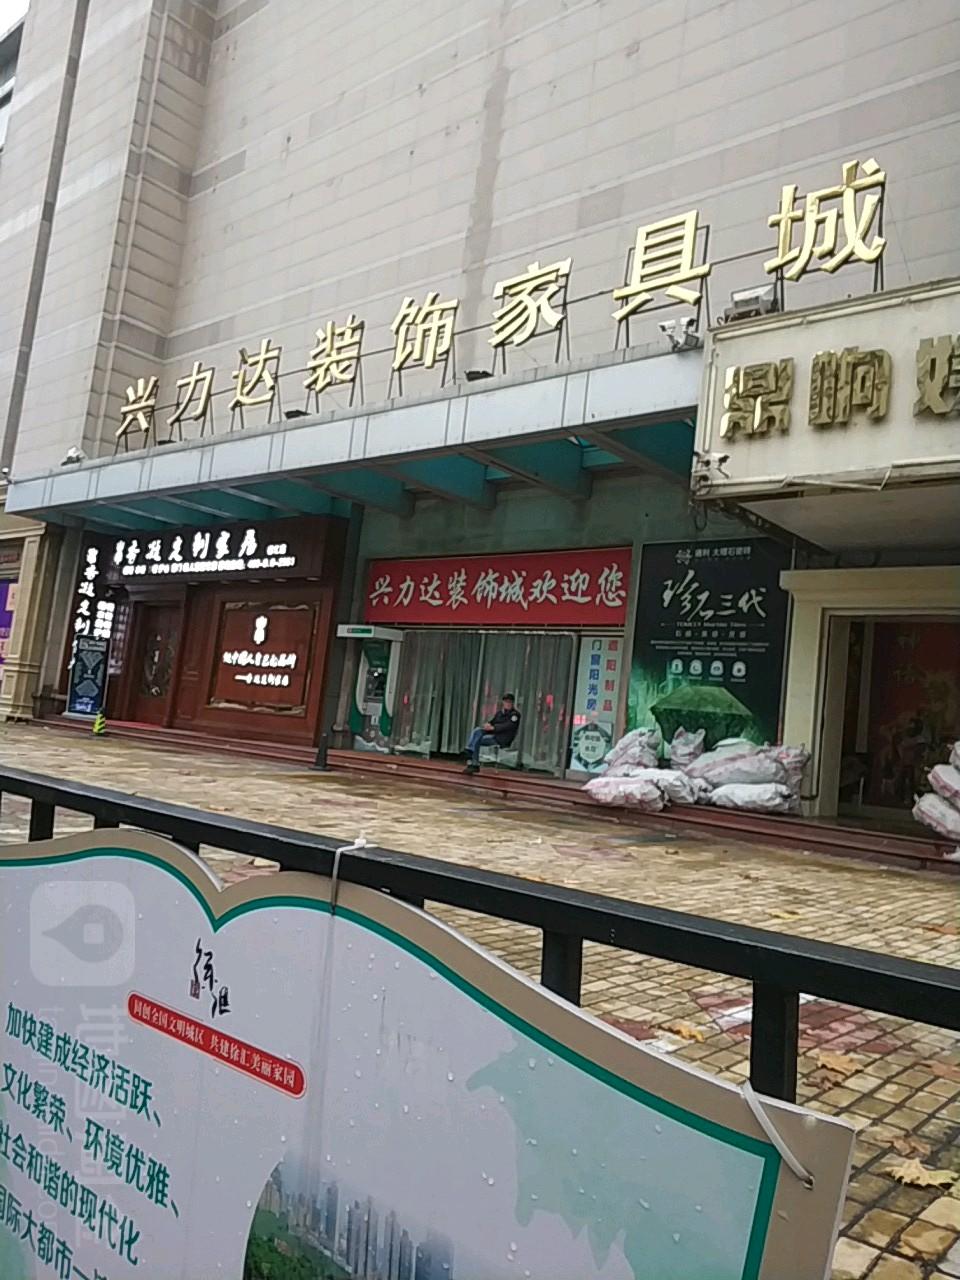 上海市装饰装仹cc�/&_怎么走):  上海市徐汇区凯旋路2588号  标签: 购物  兴力达装饰城共